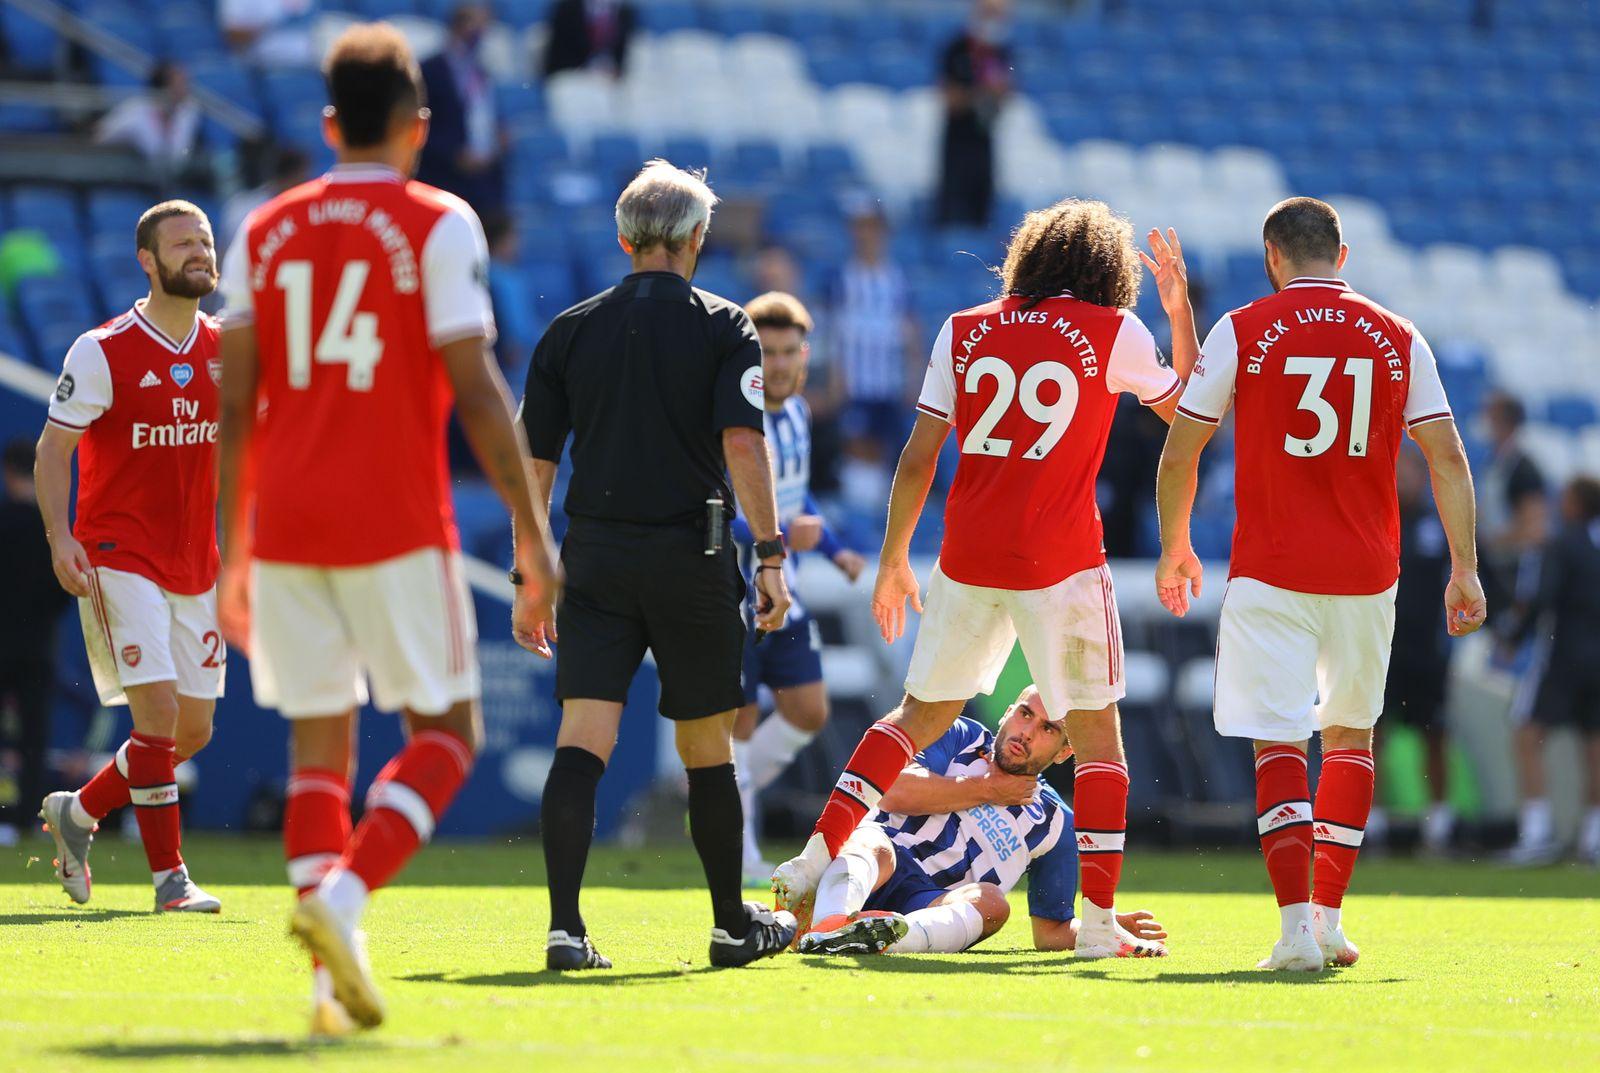 Premier League - Brighton & Hove Albion v Arsenal